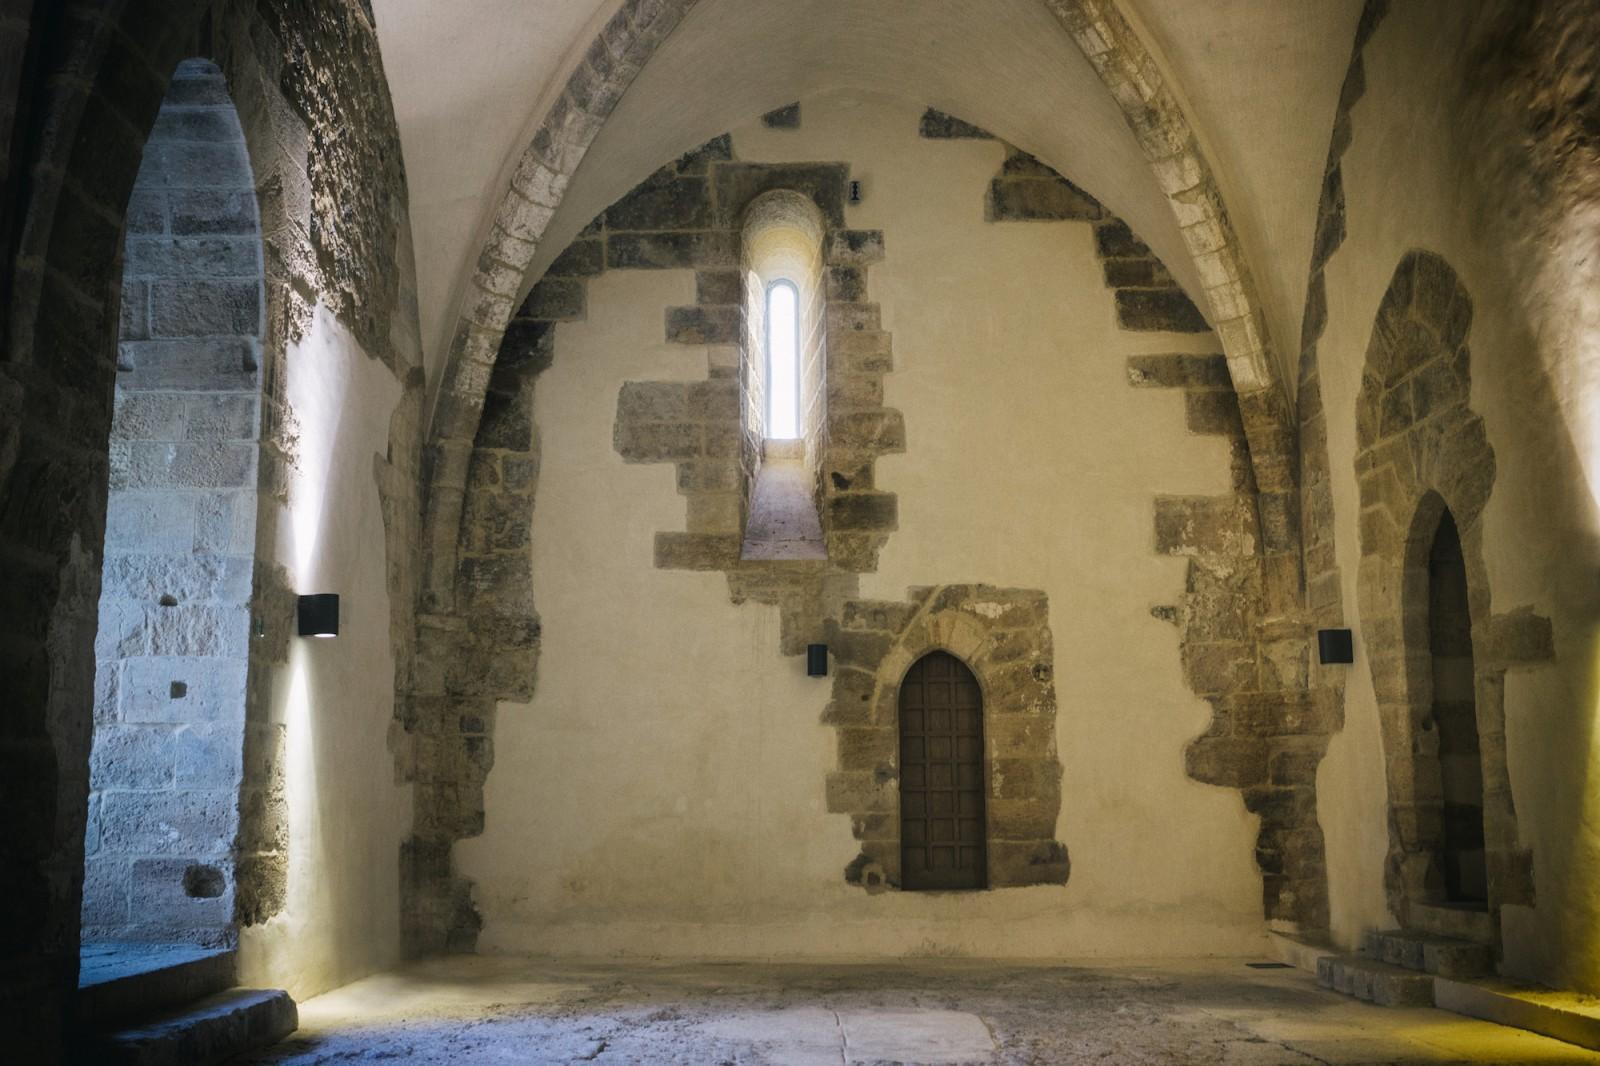 Castello_Svevo_Cosenza_01b